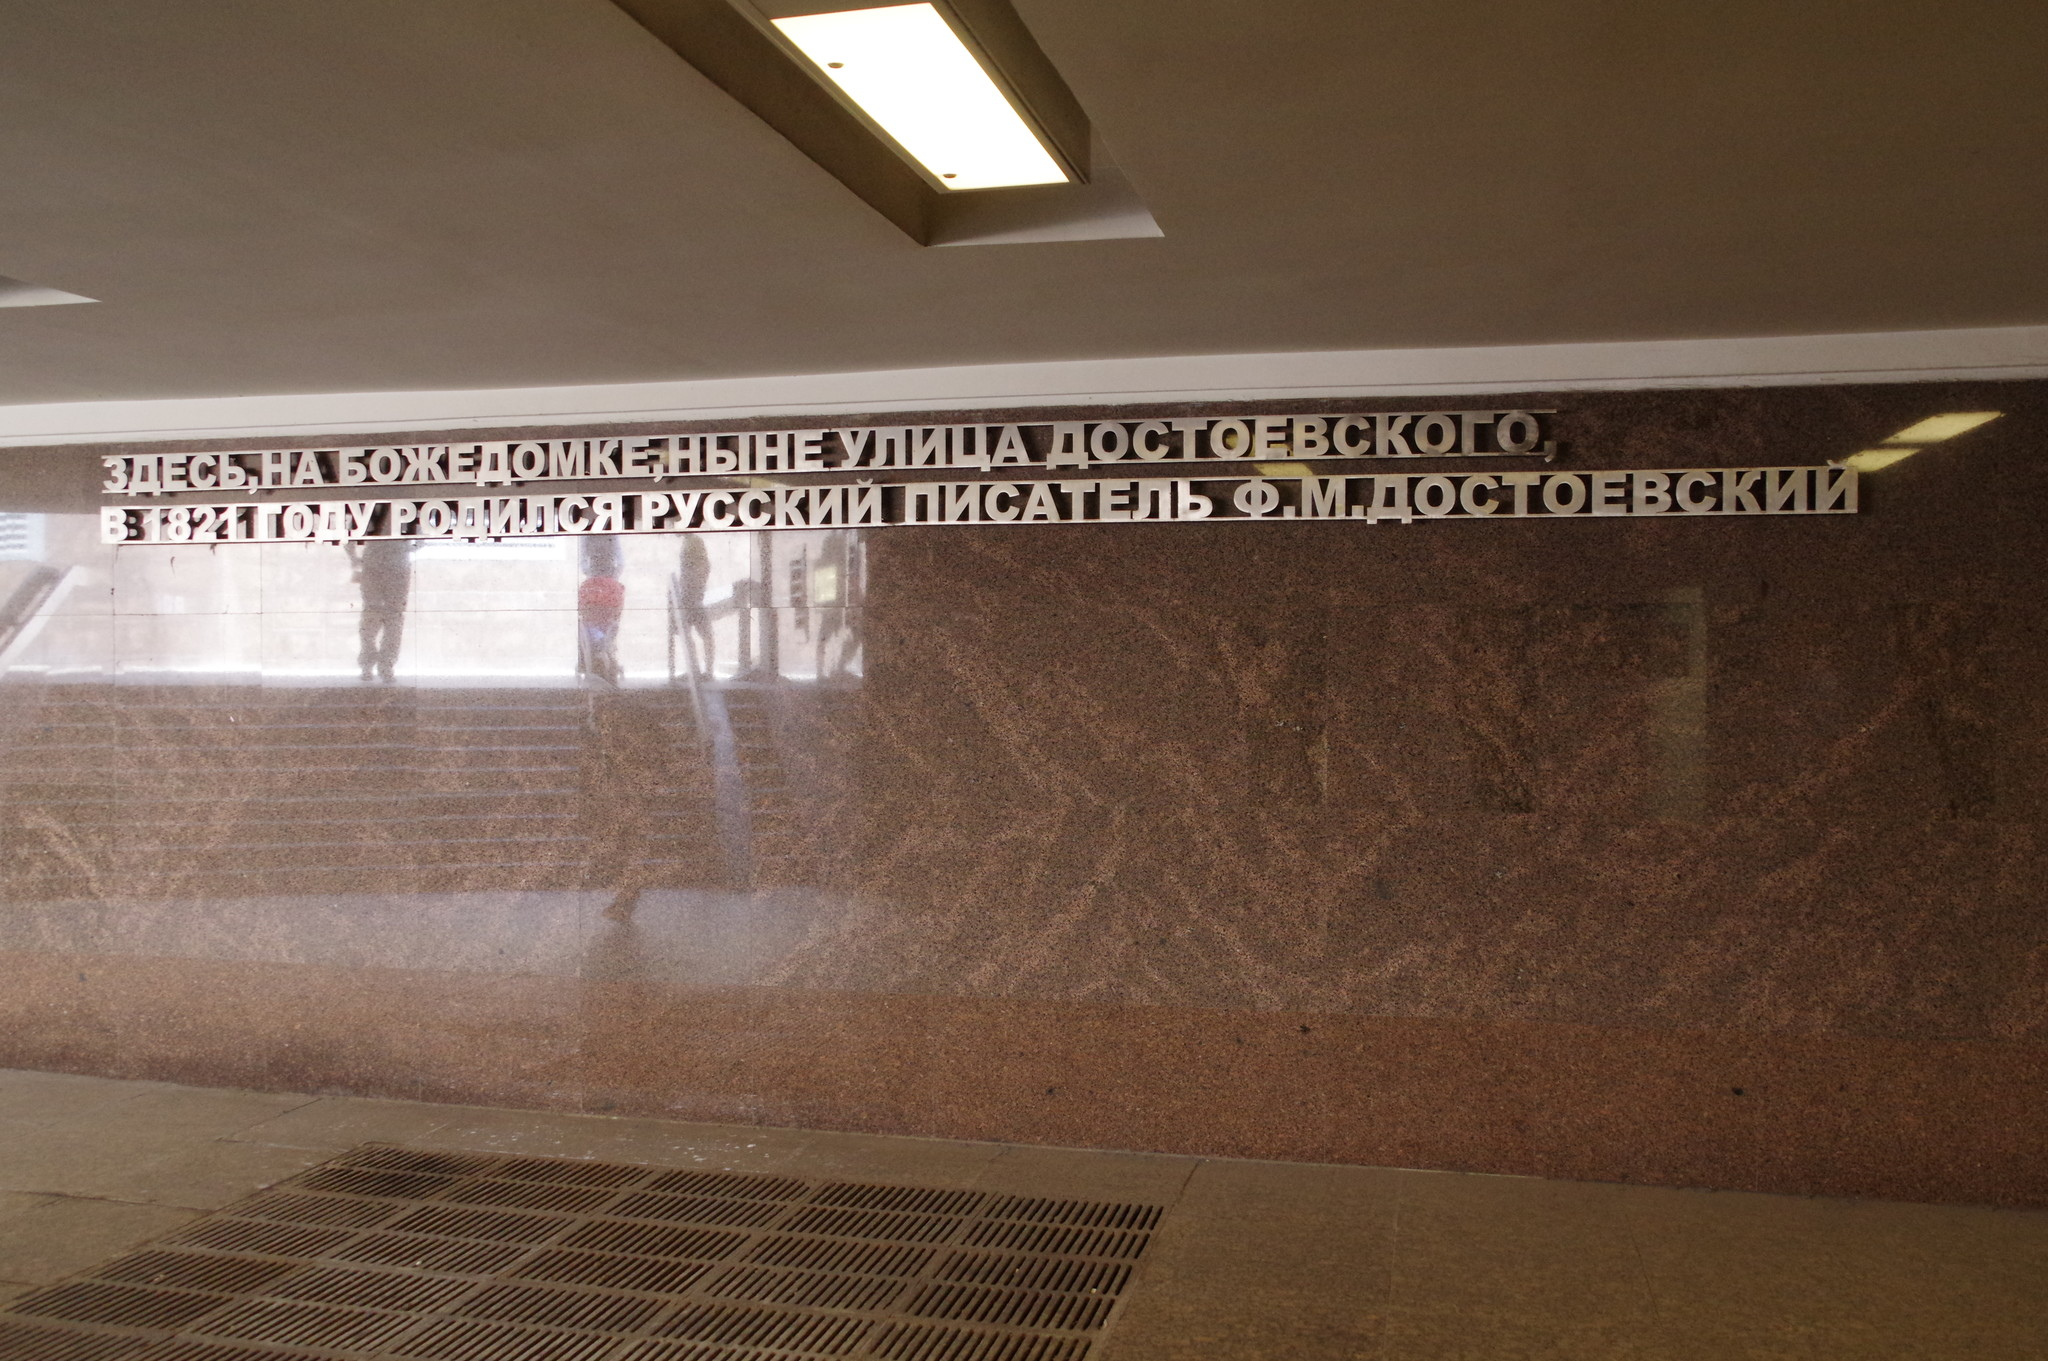 Станция метро «Достоевская» Люблинско-Дмитровской линии Московского метрополитена